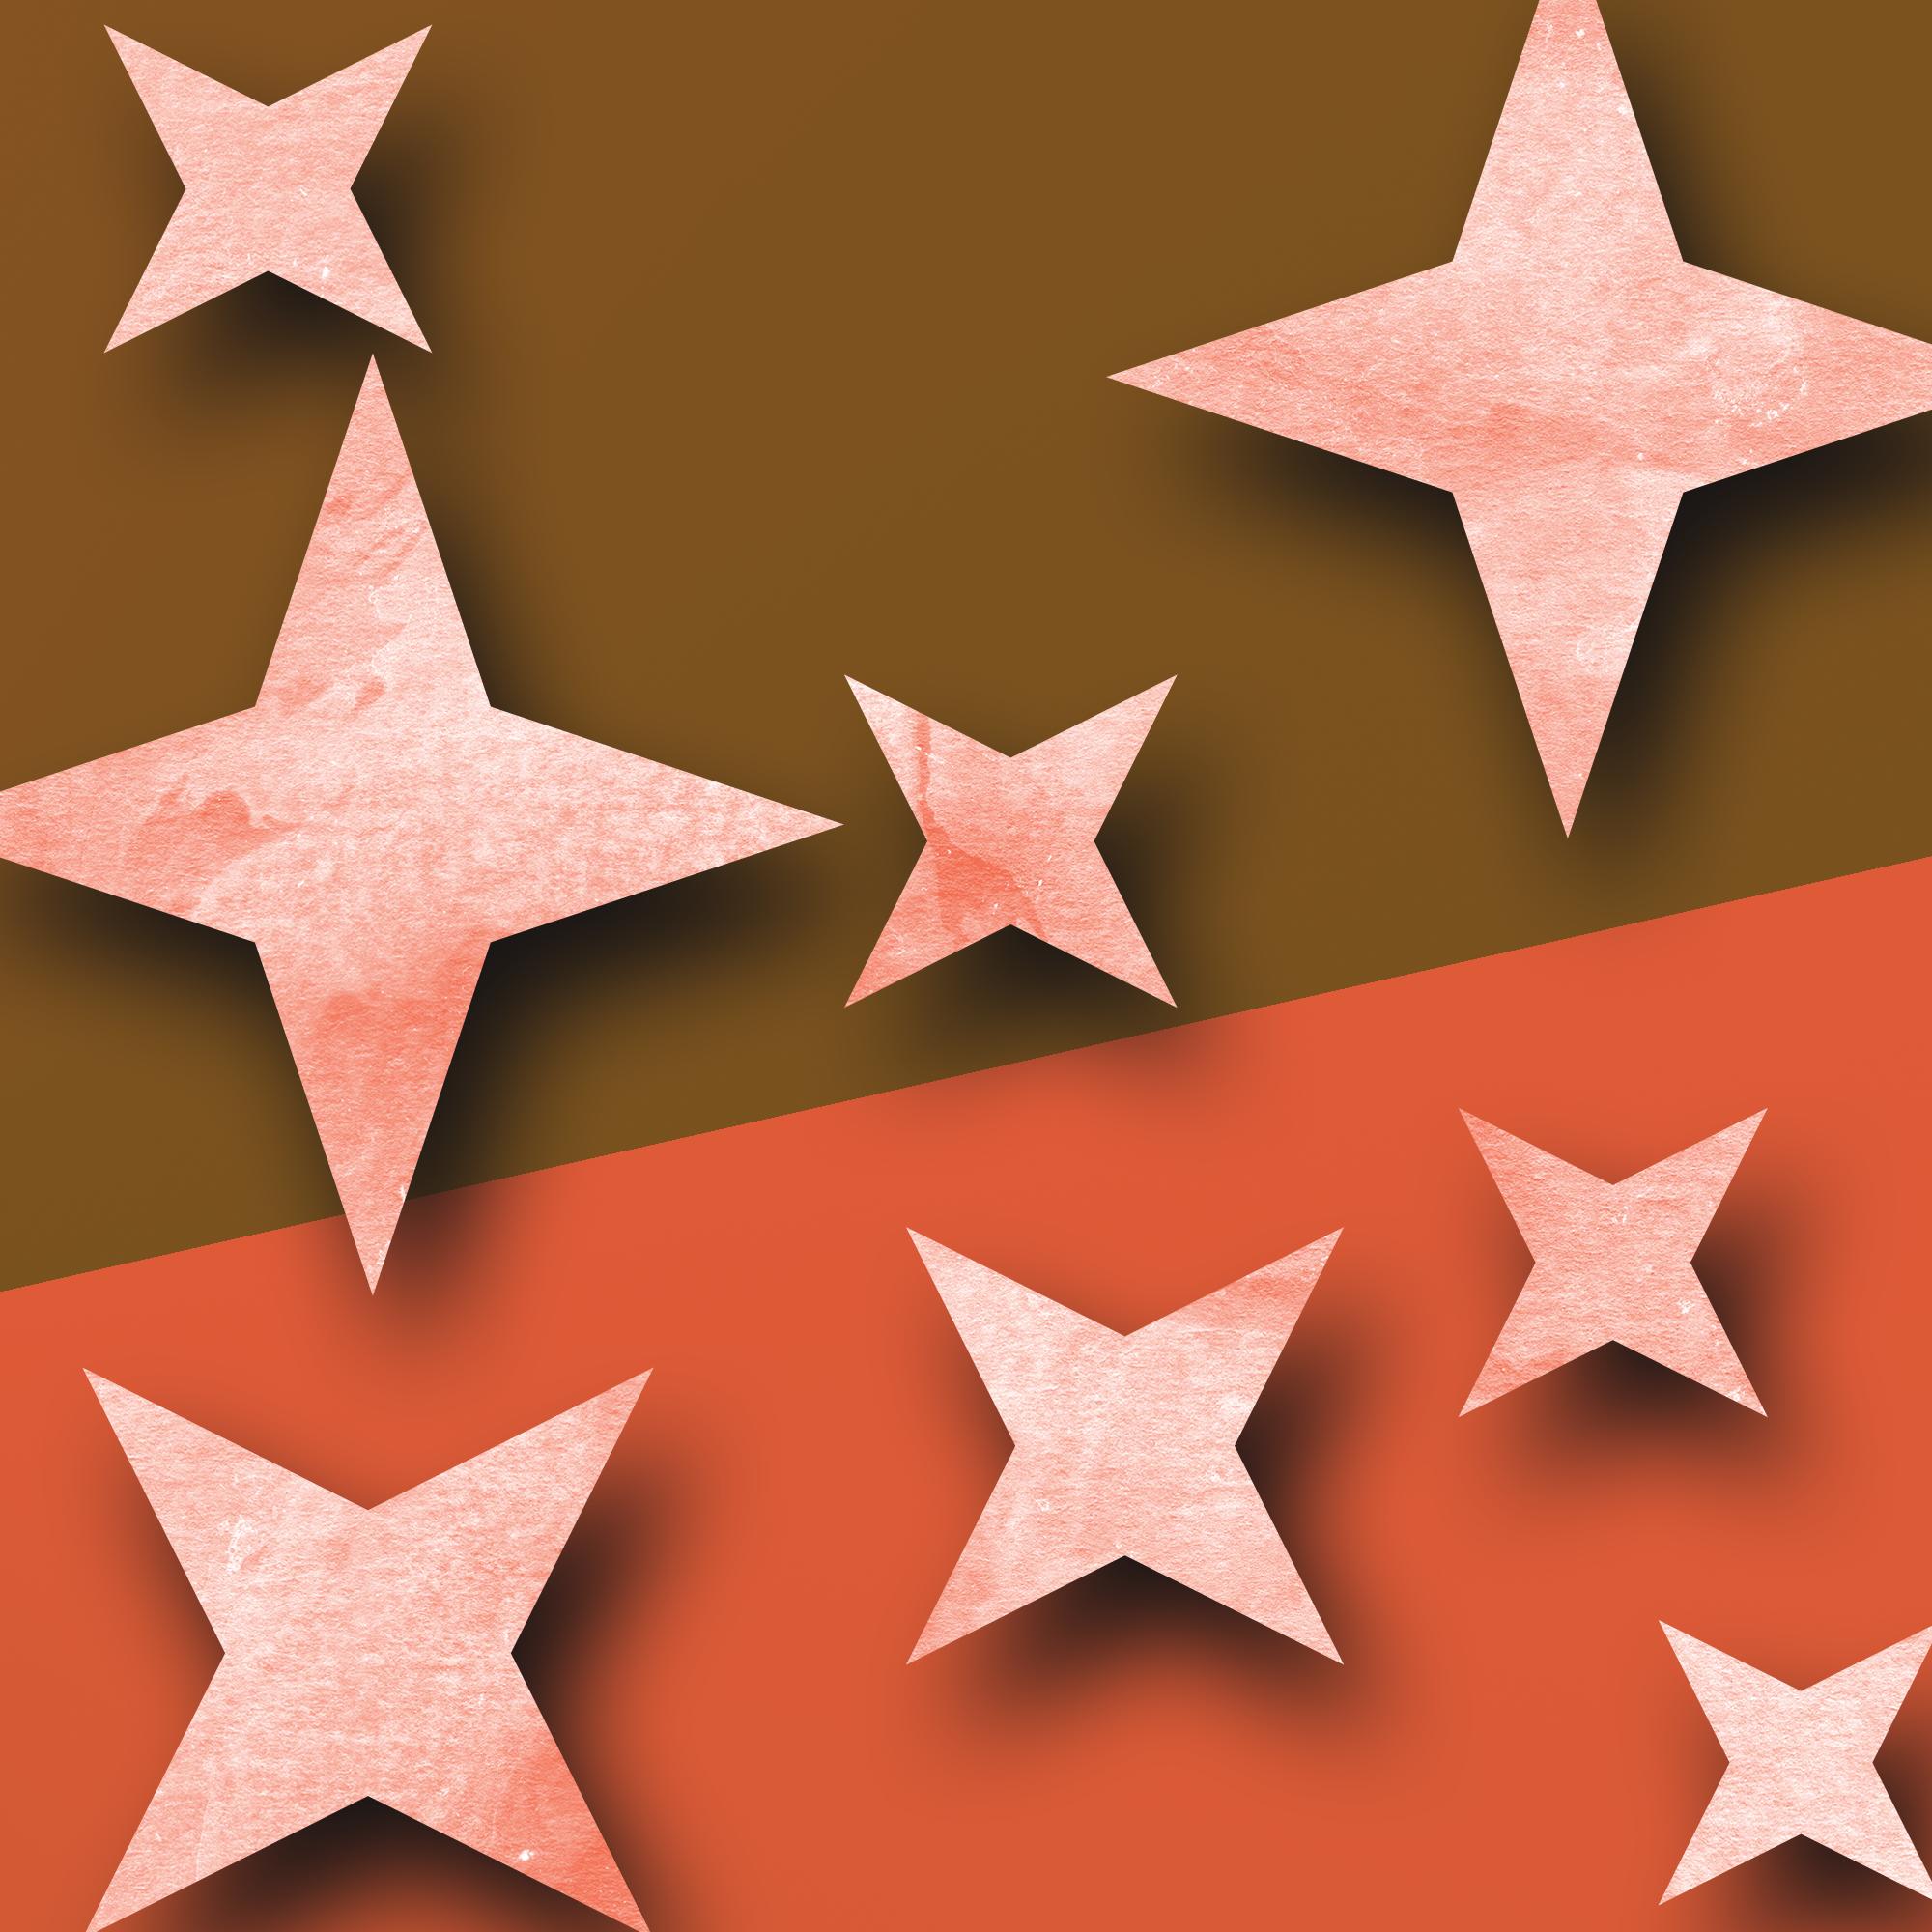 graphics illustration of stars